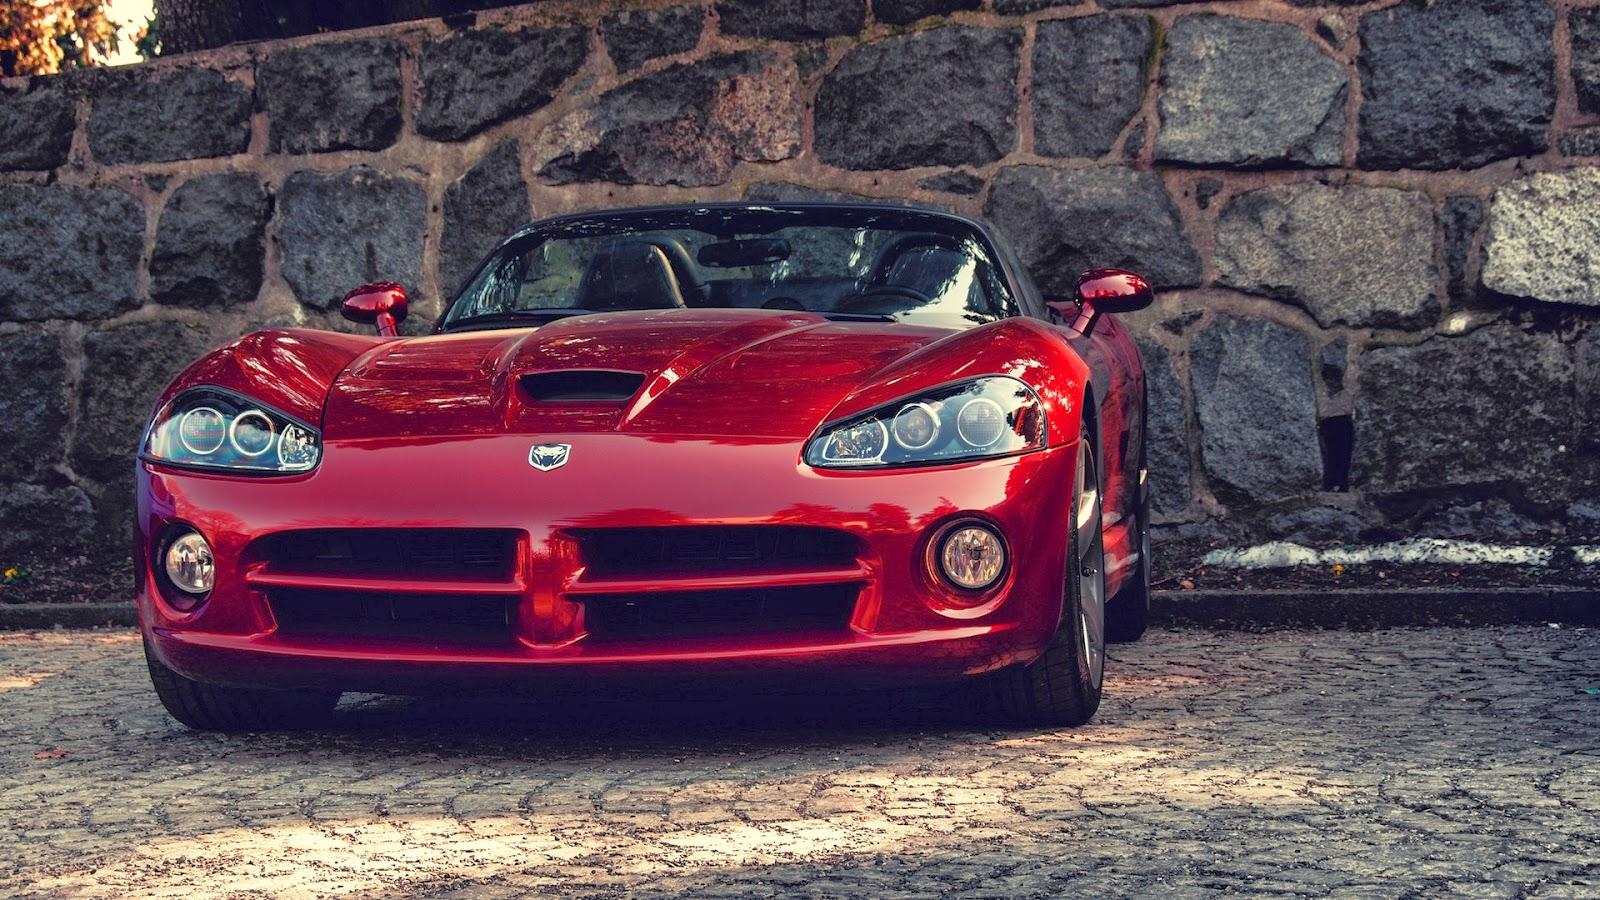 Red Dodge Viper Sport Car HD Wallpaper   Car Wallpaper ...